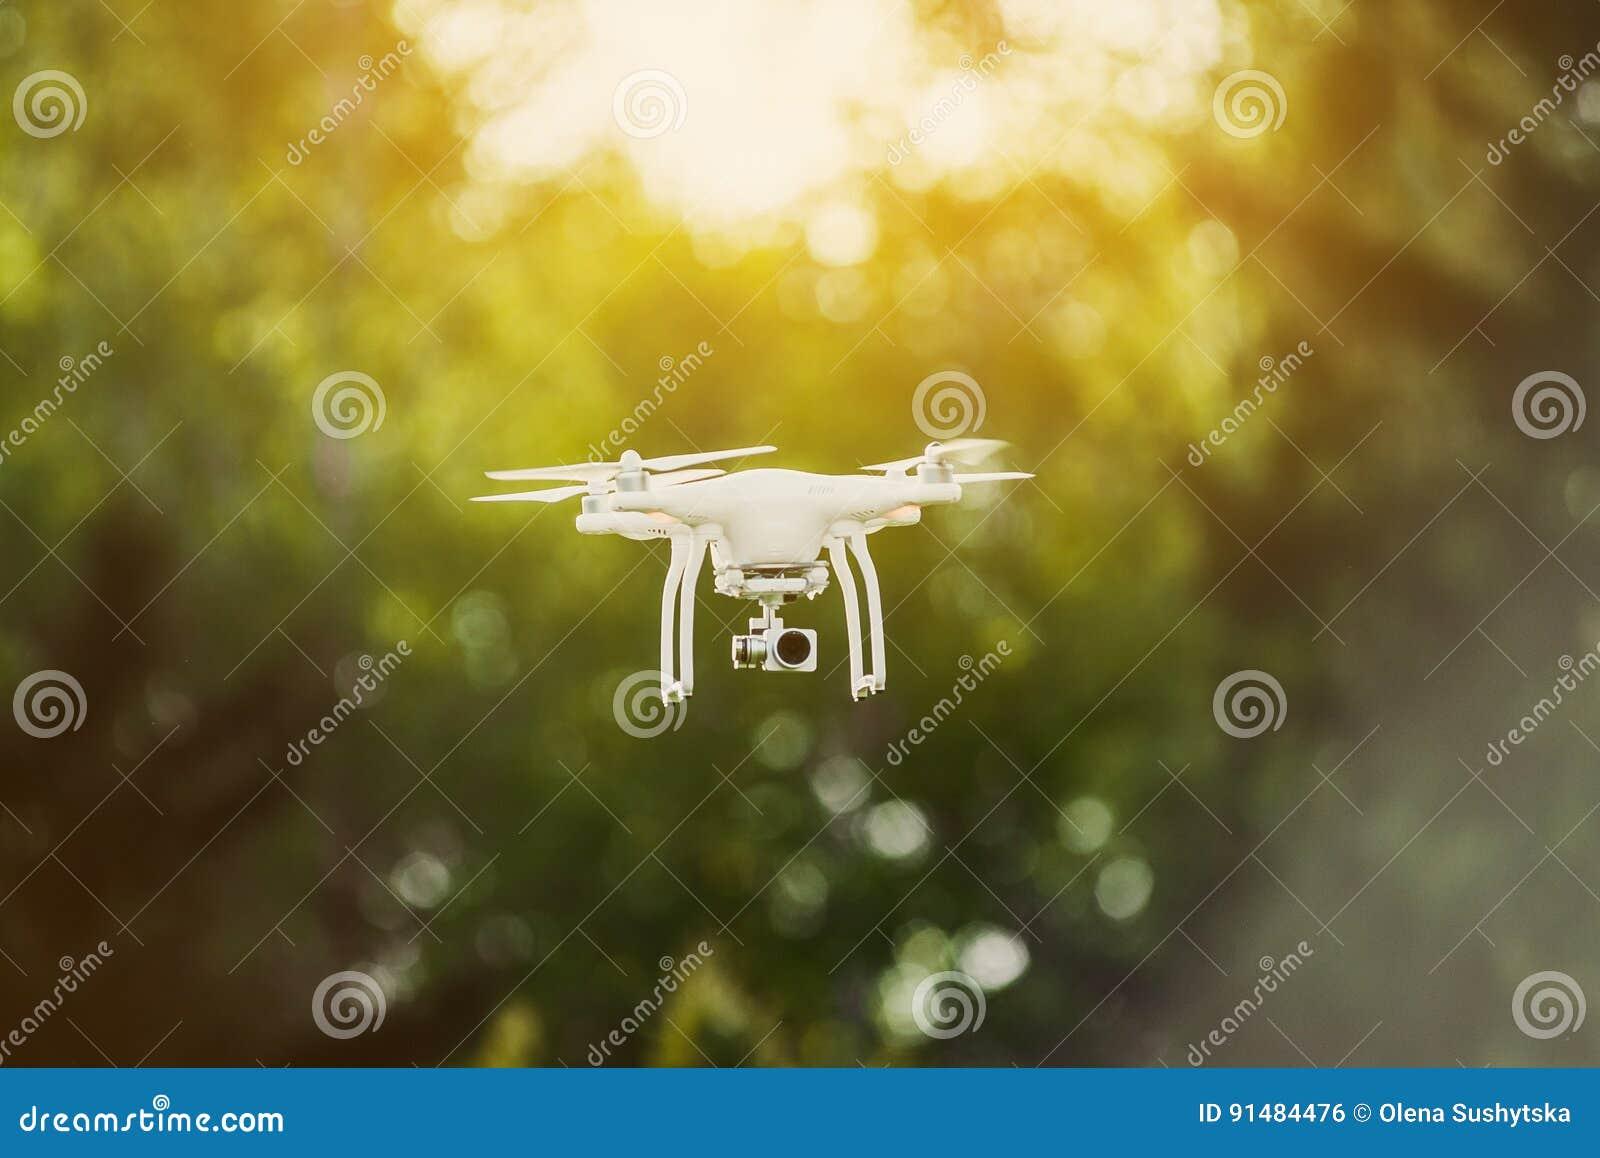 Область Украины Poltavskaya, Kremenchuk - 26-ое апреля 2017: Человек контролирует quadrocopter Запускать quadrocopter DJI